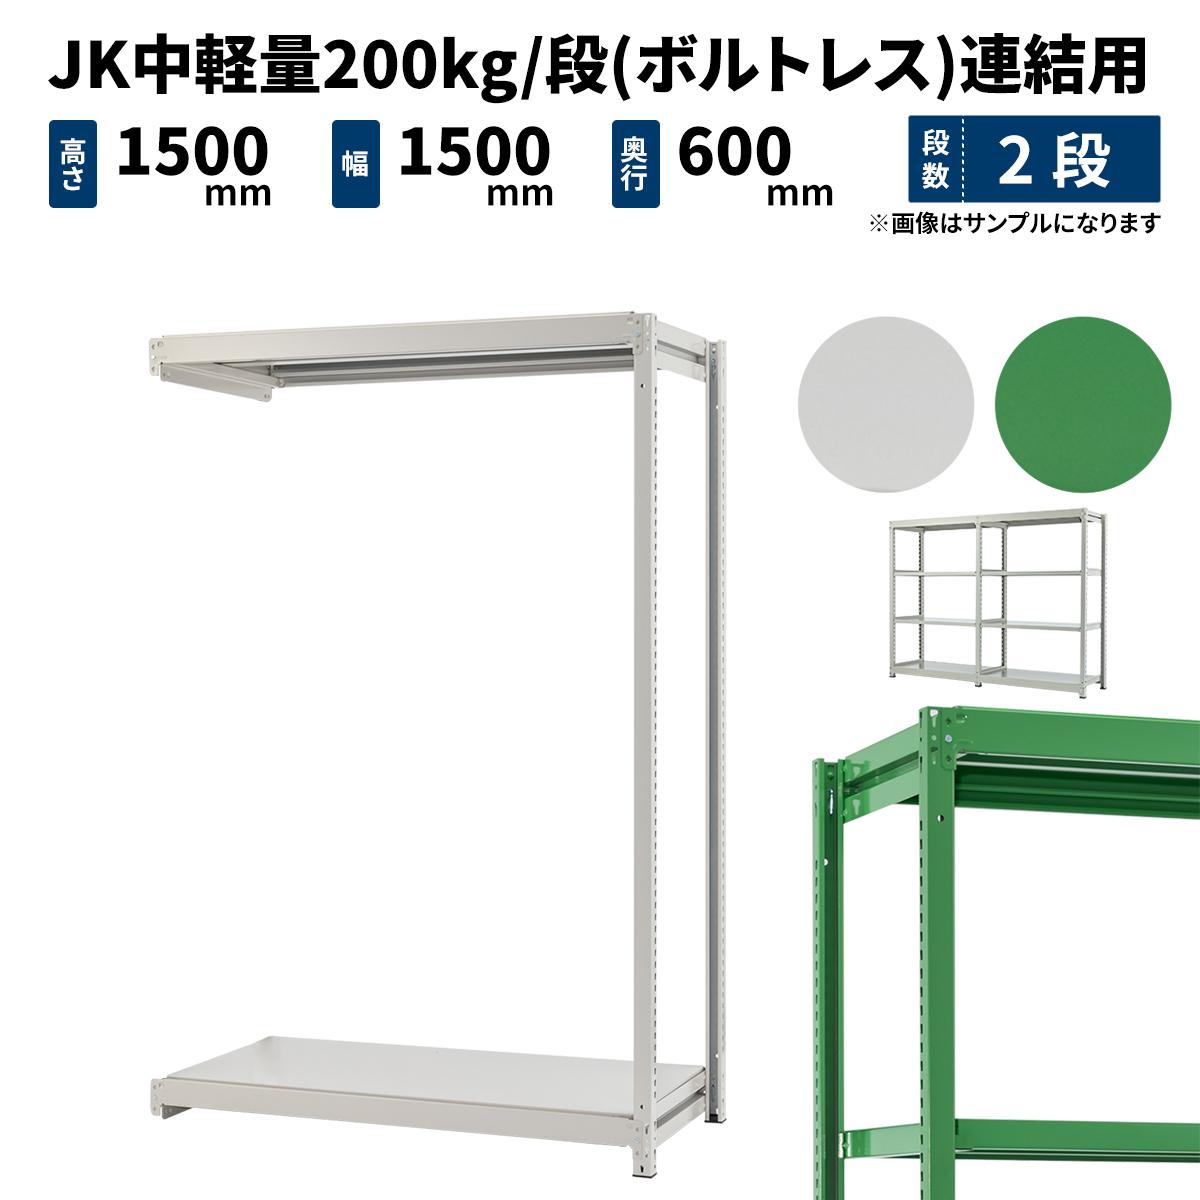 スチールラック 業務用 JK中軽量200kg/段(ボルトレス) 連結形式 高さ1500×幅1500×奥行600mm 2段 ホワイトグレー/グリーン (31kg) JK200_R-151506-2